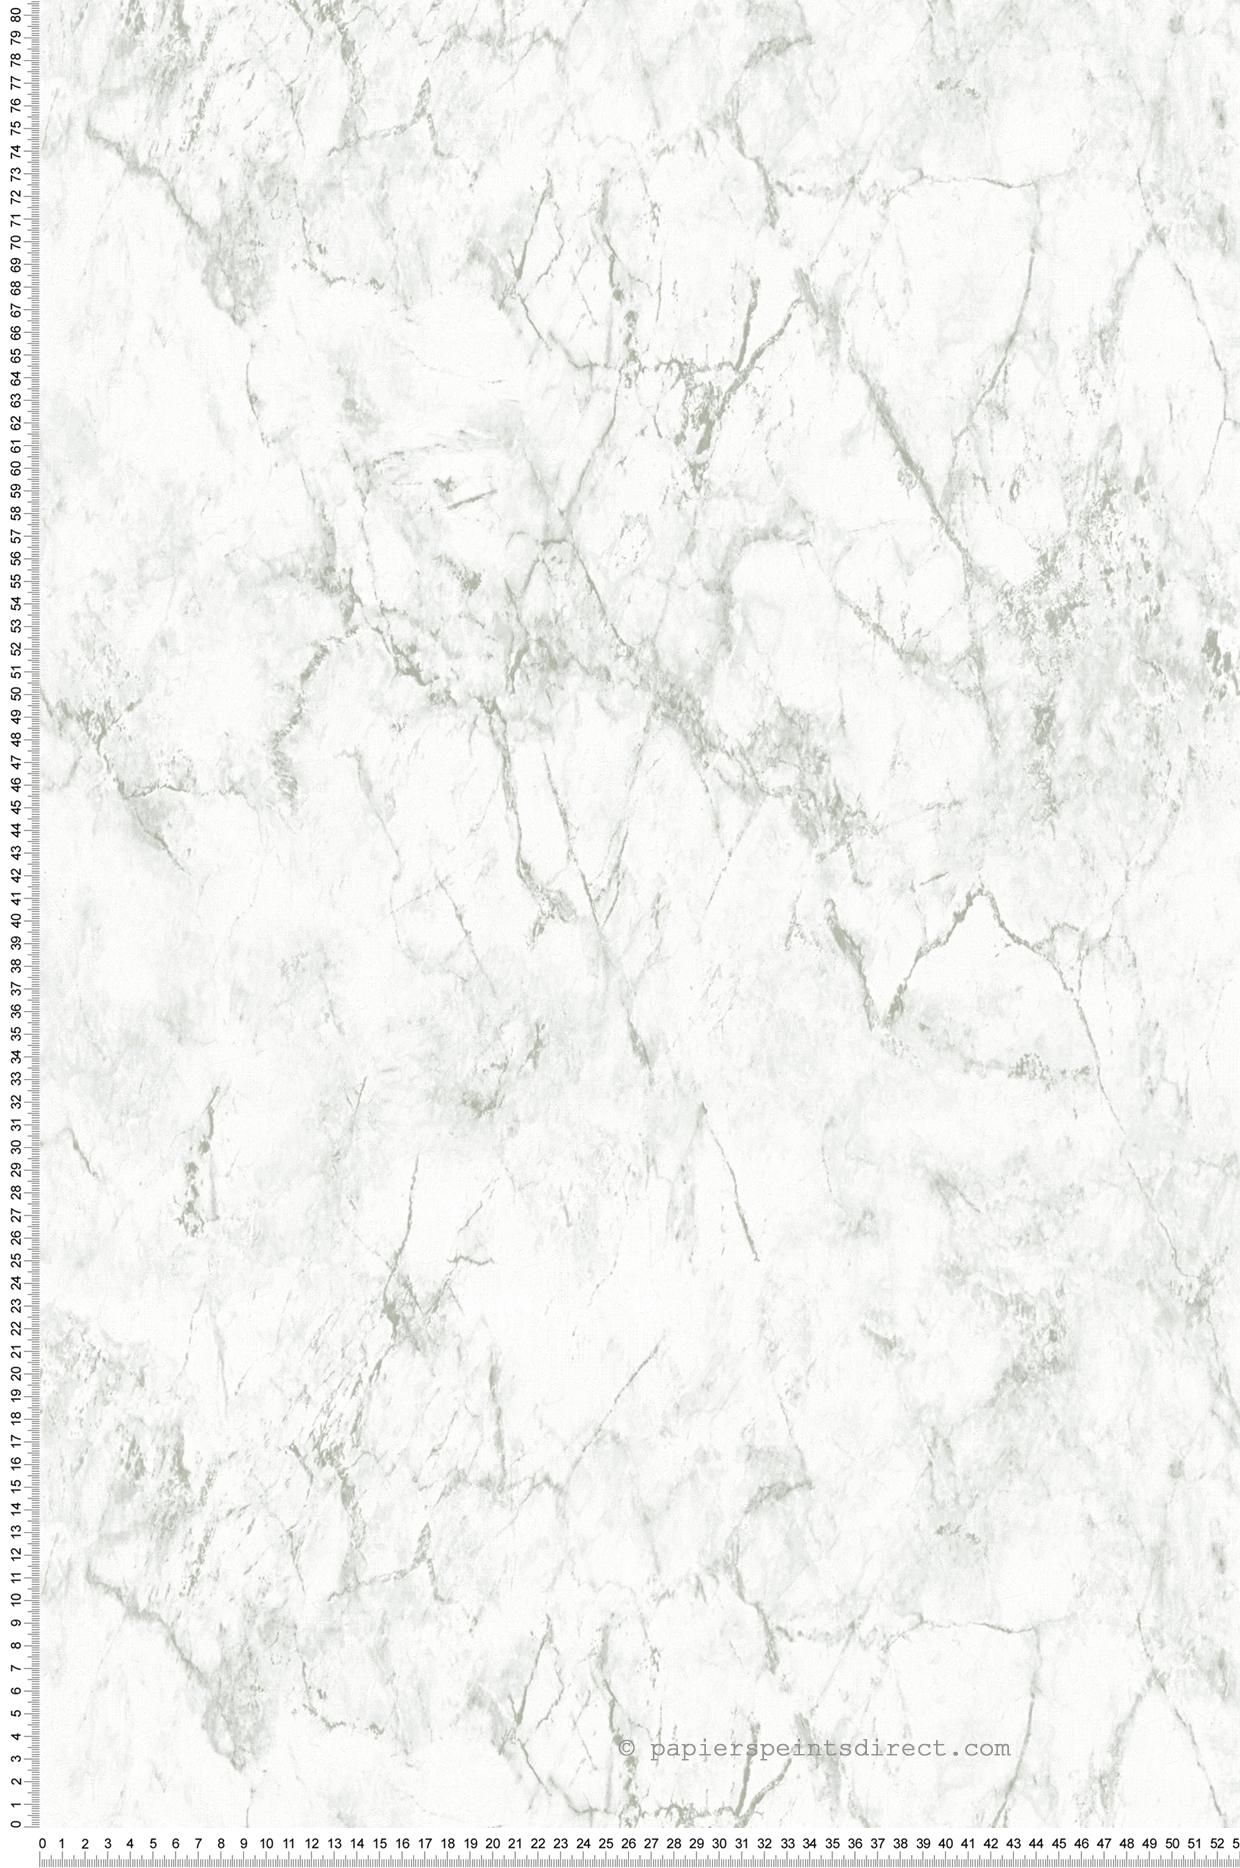 Papier peint Marbre blanc gris - New Studio 2.0 d'AS Création | Réf. SP14736